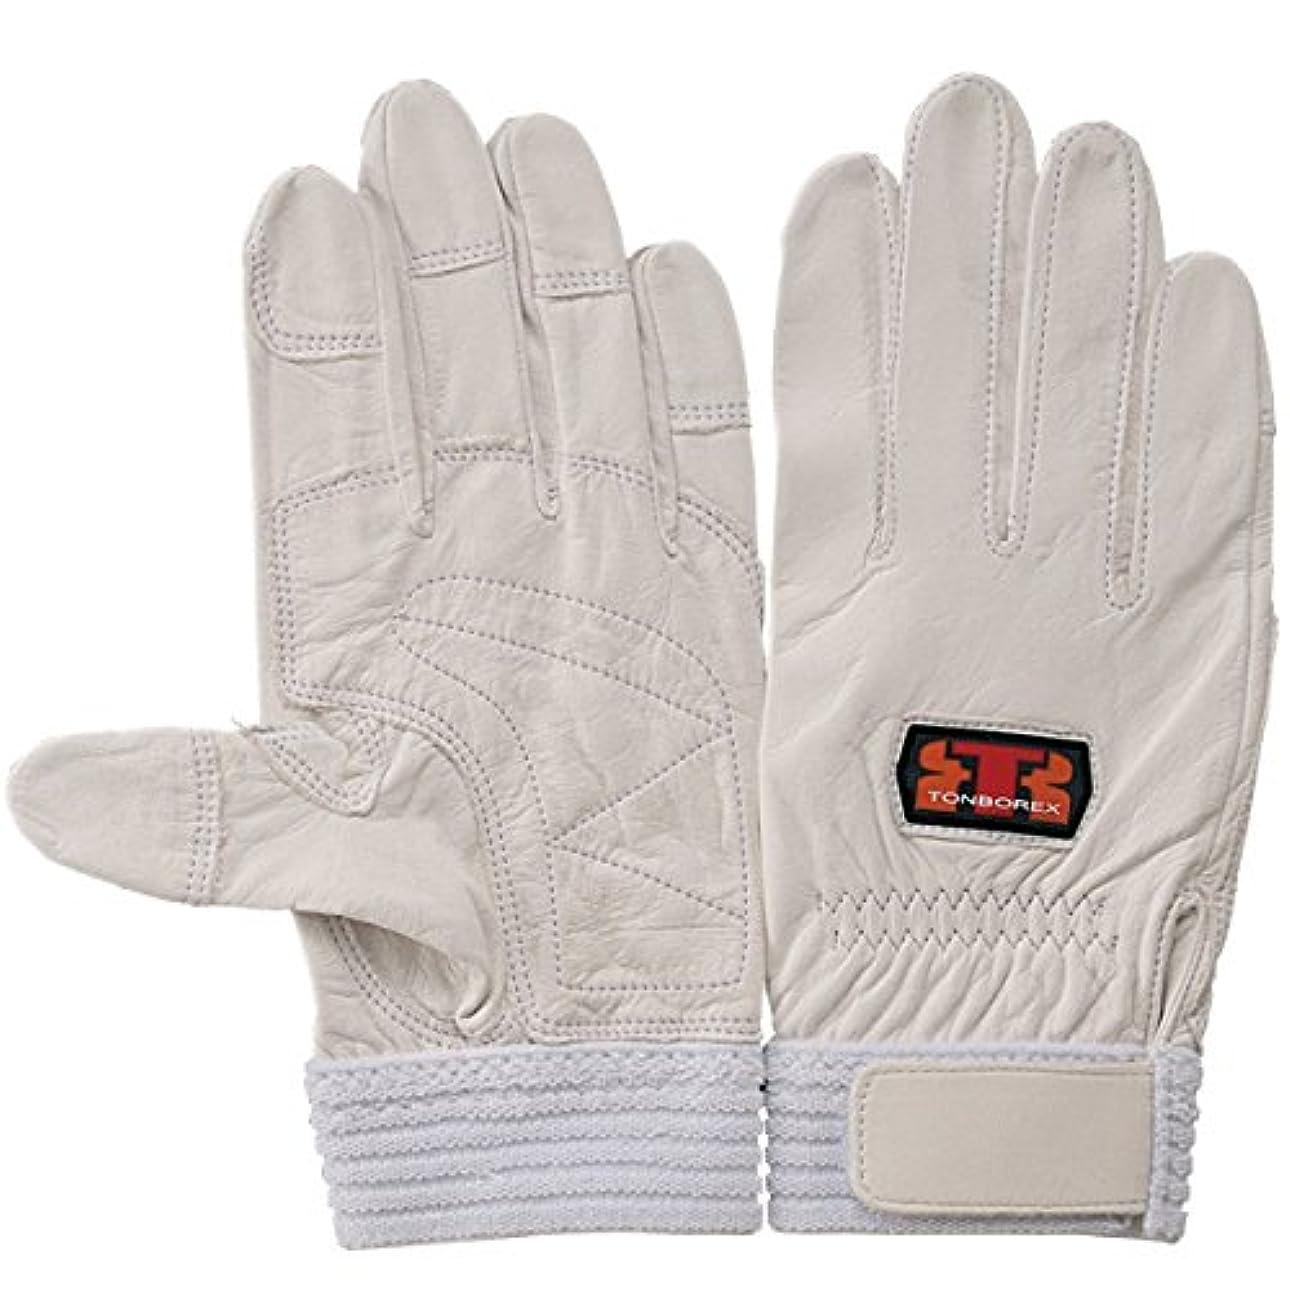 トンボレックス レスキュー消防手袋 (CS-302W) ホワイト Sサイズ